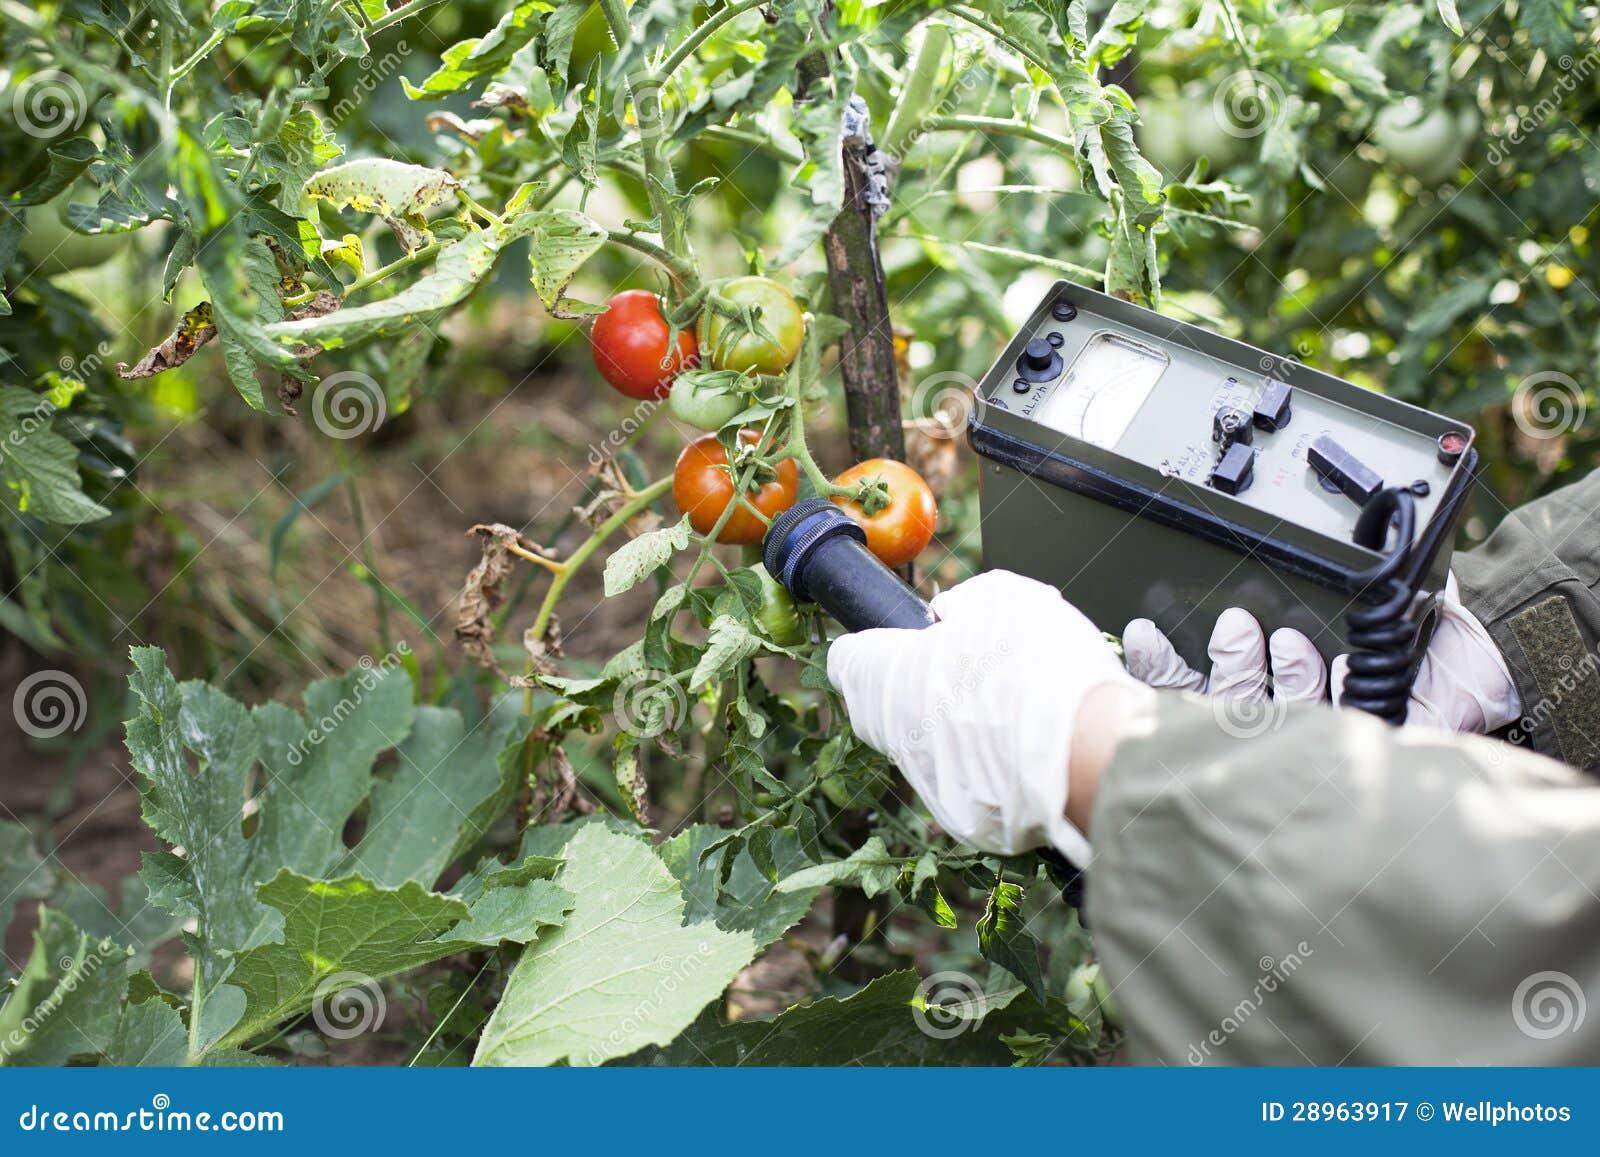 Pomiarowi napromienianie poziomy pomidor